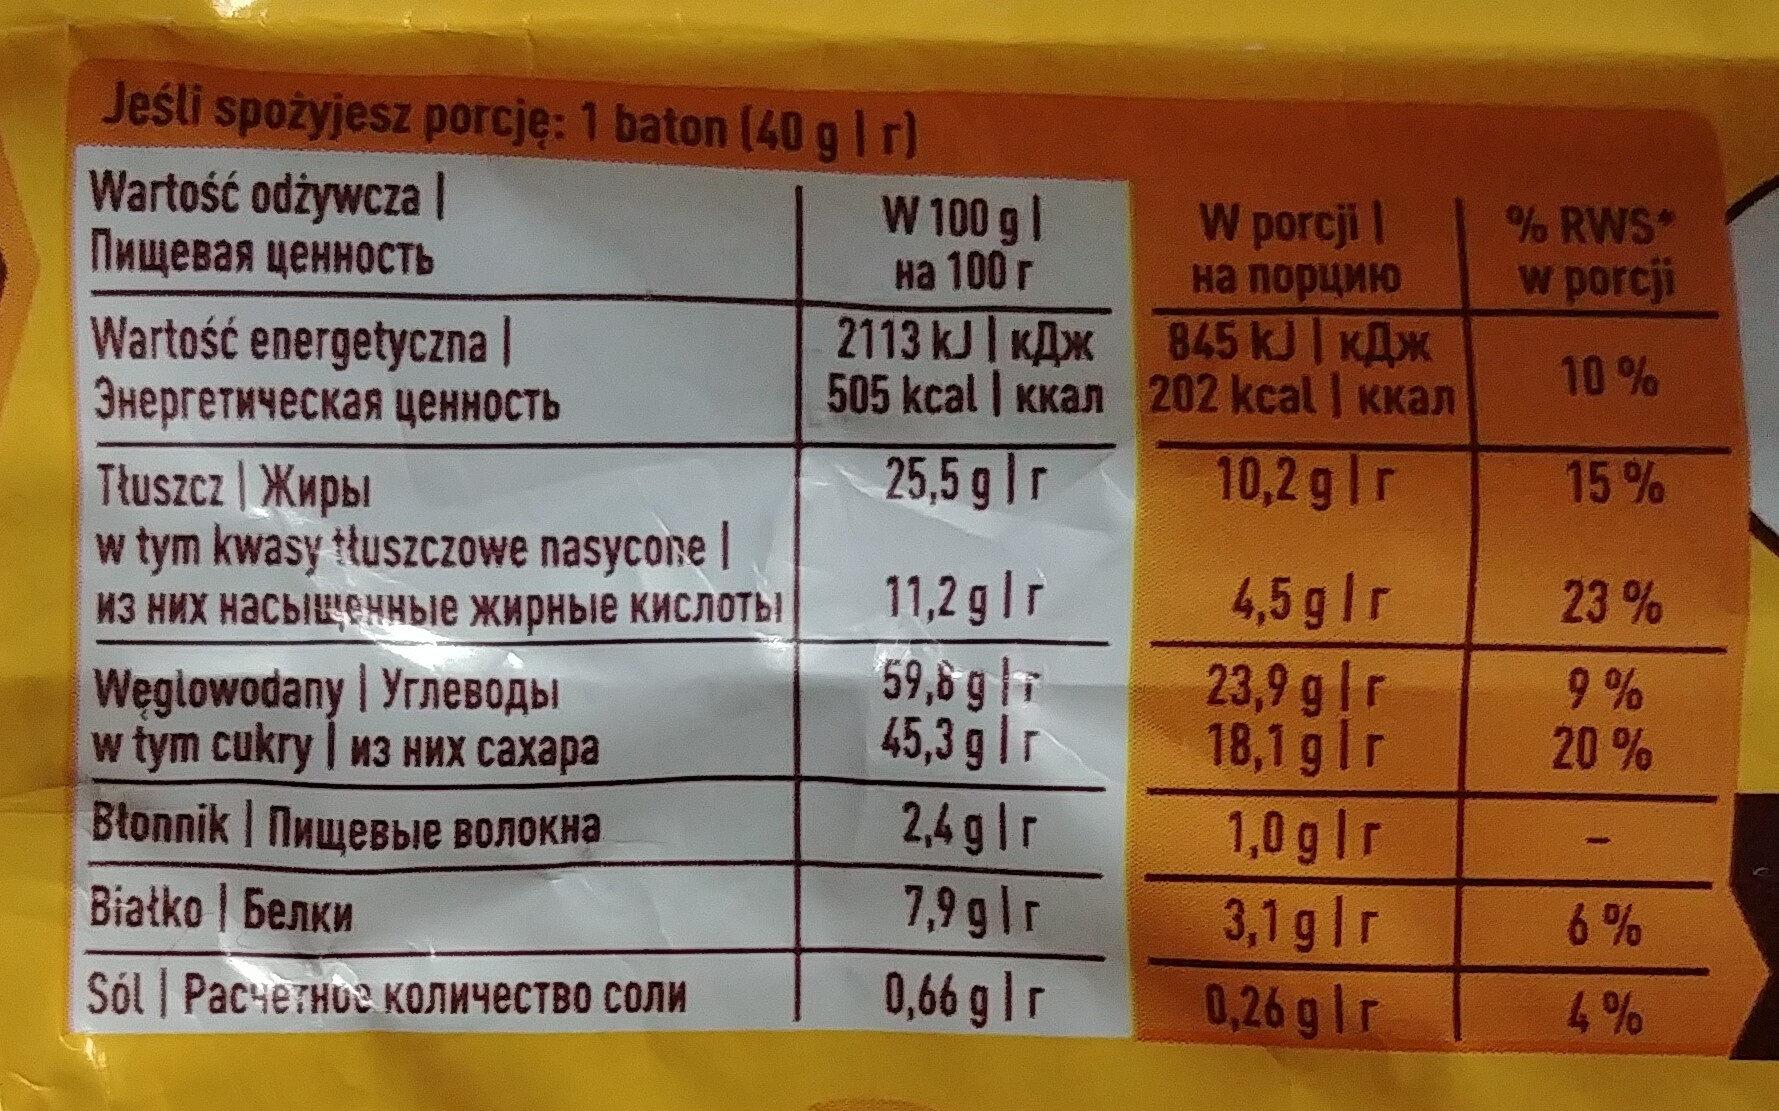 Nadziewany wafel z karmelem 29.8%, płatkami pszennymi 3,2%, i orzechami ziemnymi 18% w polewie kakaowej. - Wartości odżywcze